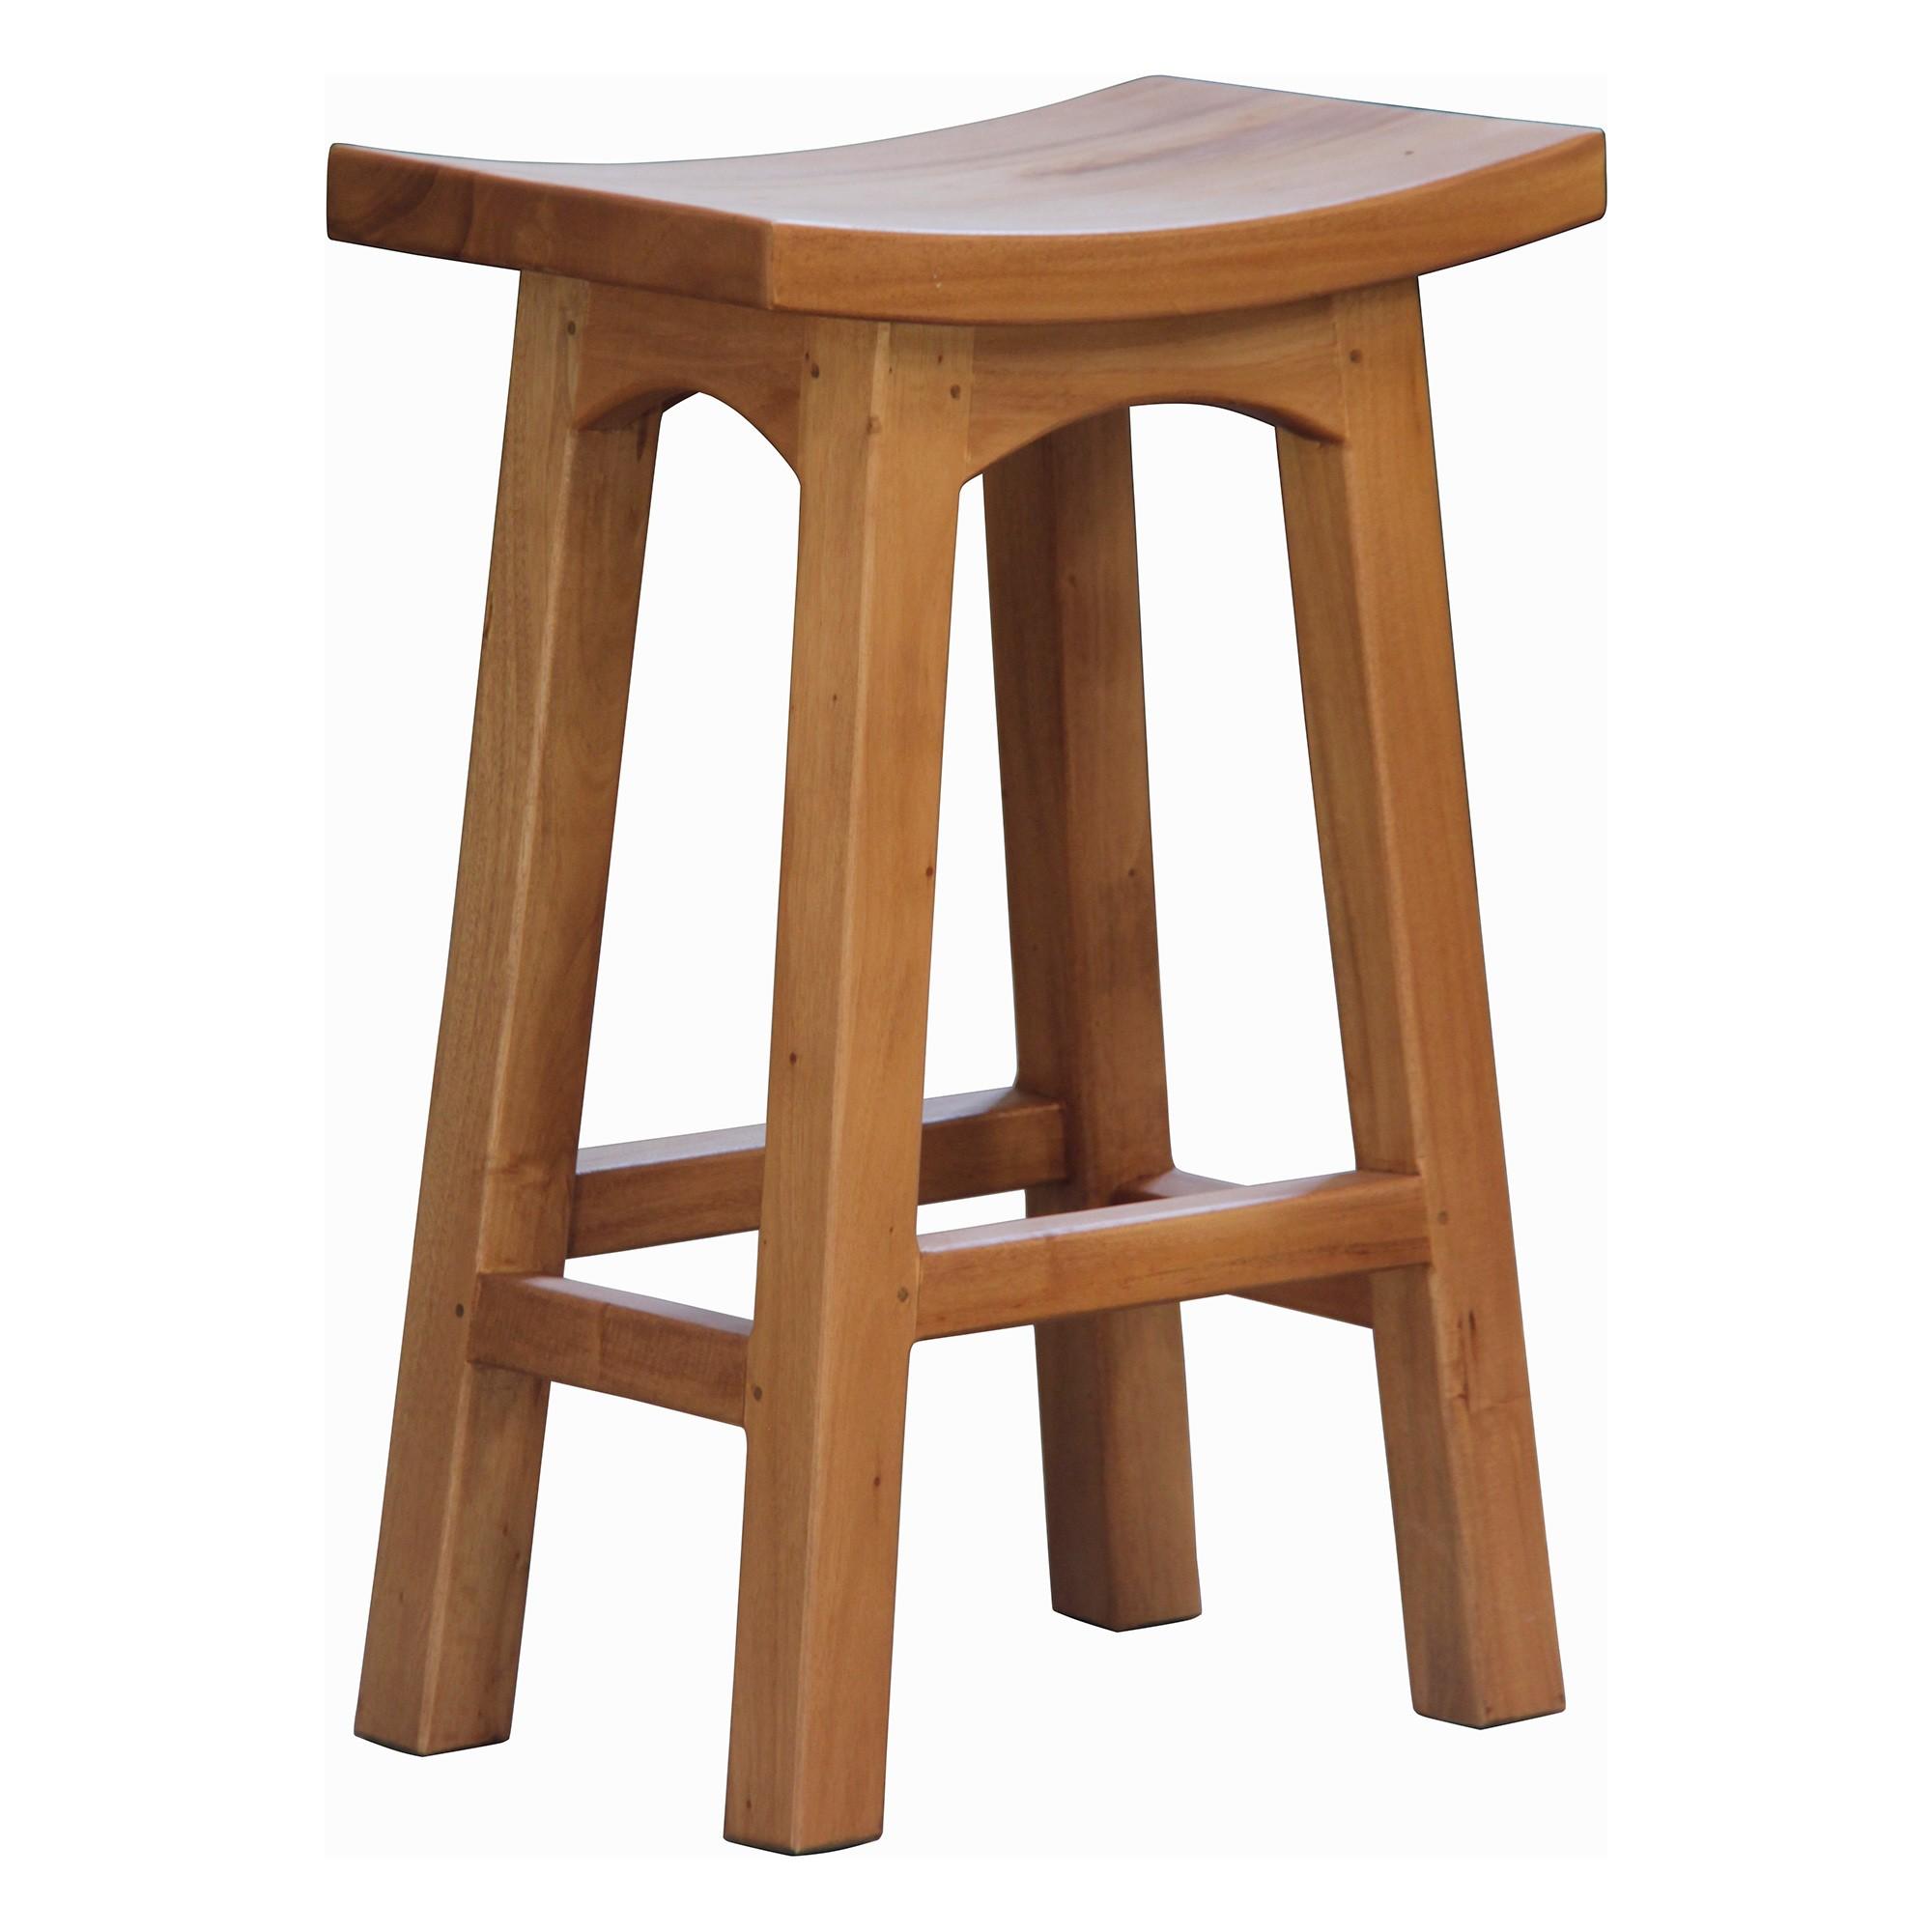 Showa Mahogany Timber Counter Stool, Caramel